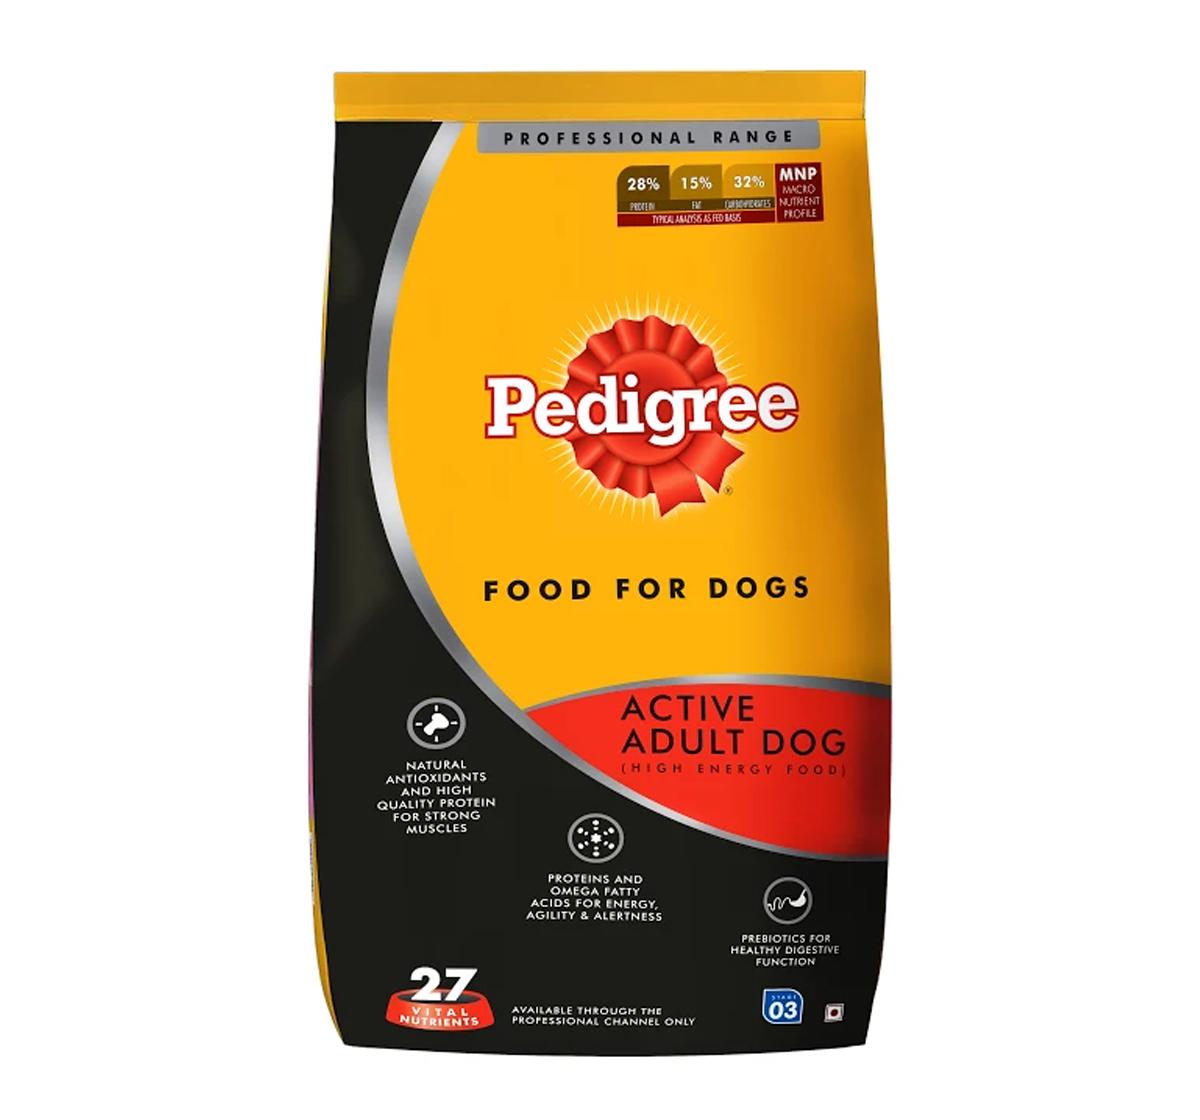 Pedigree dog food online shopping